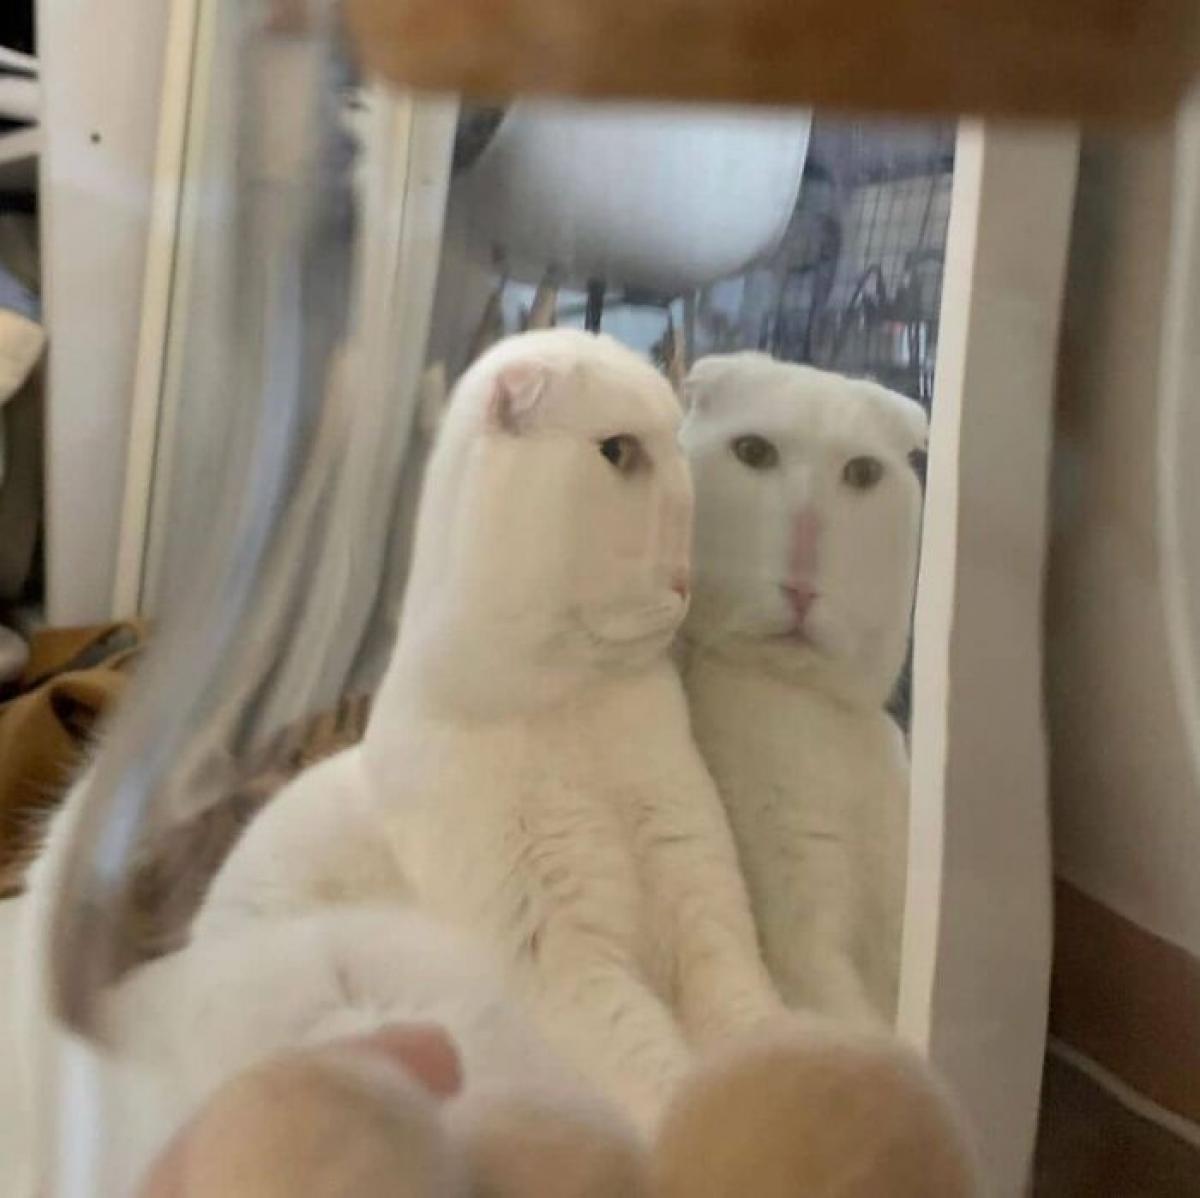 Bật cười trước sự biến dạng của một chú mèo khi nhìn qua chiếc lọ.